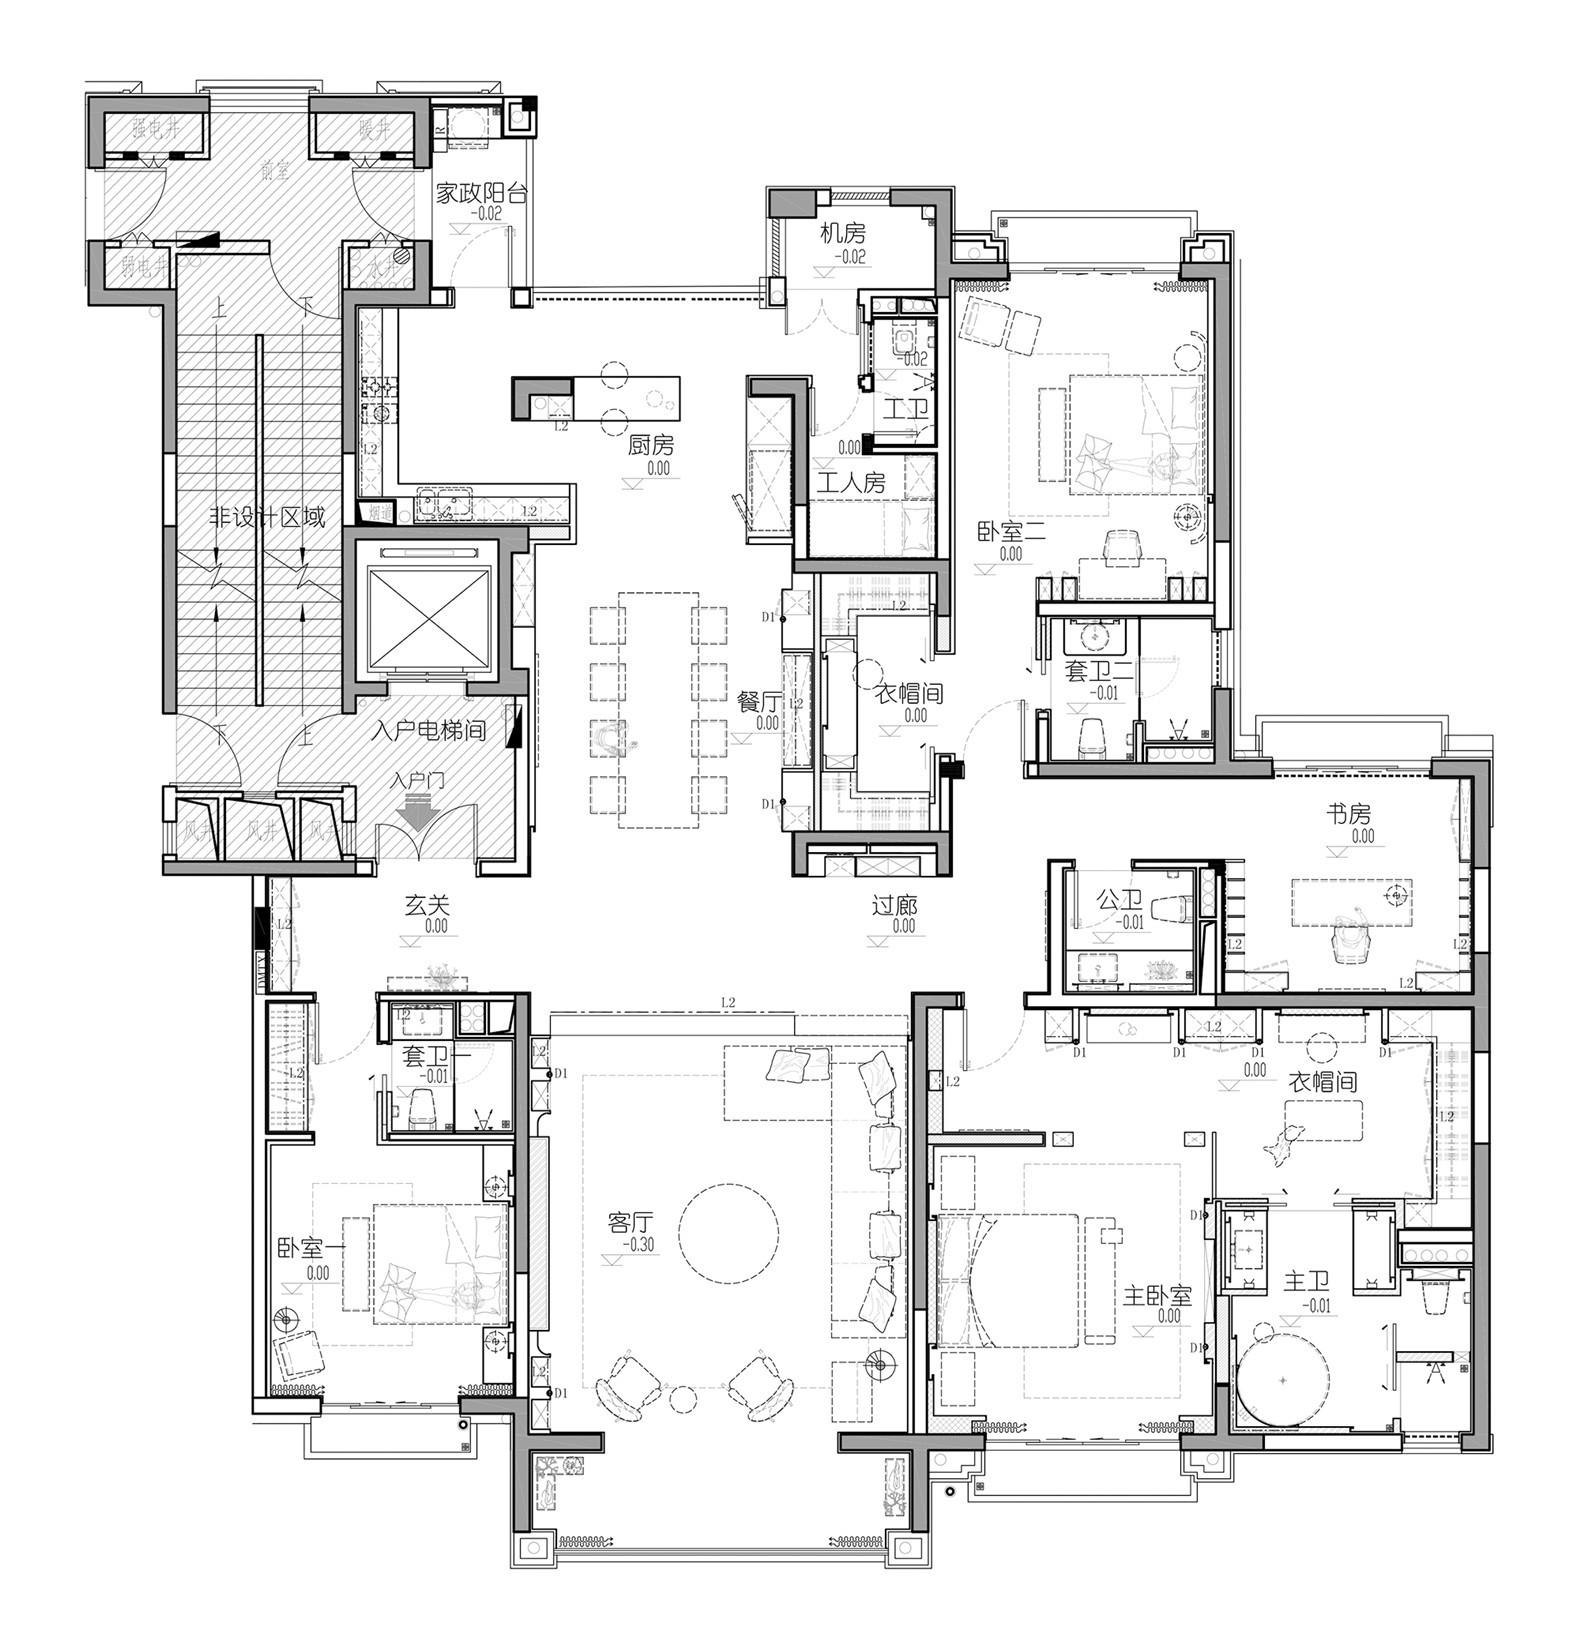 卓越蔚藍府邸現代簡約裝修效果圖